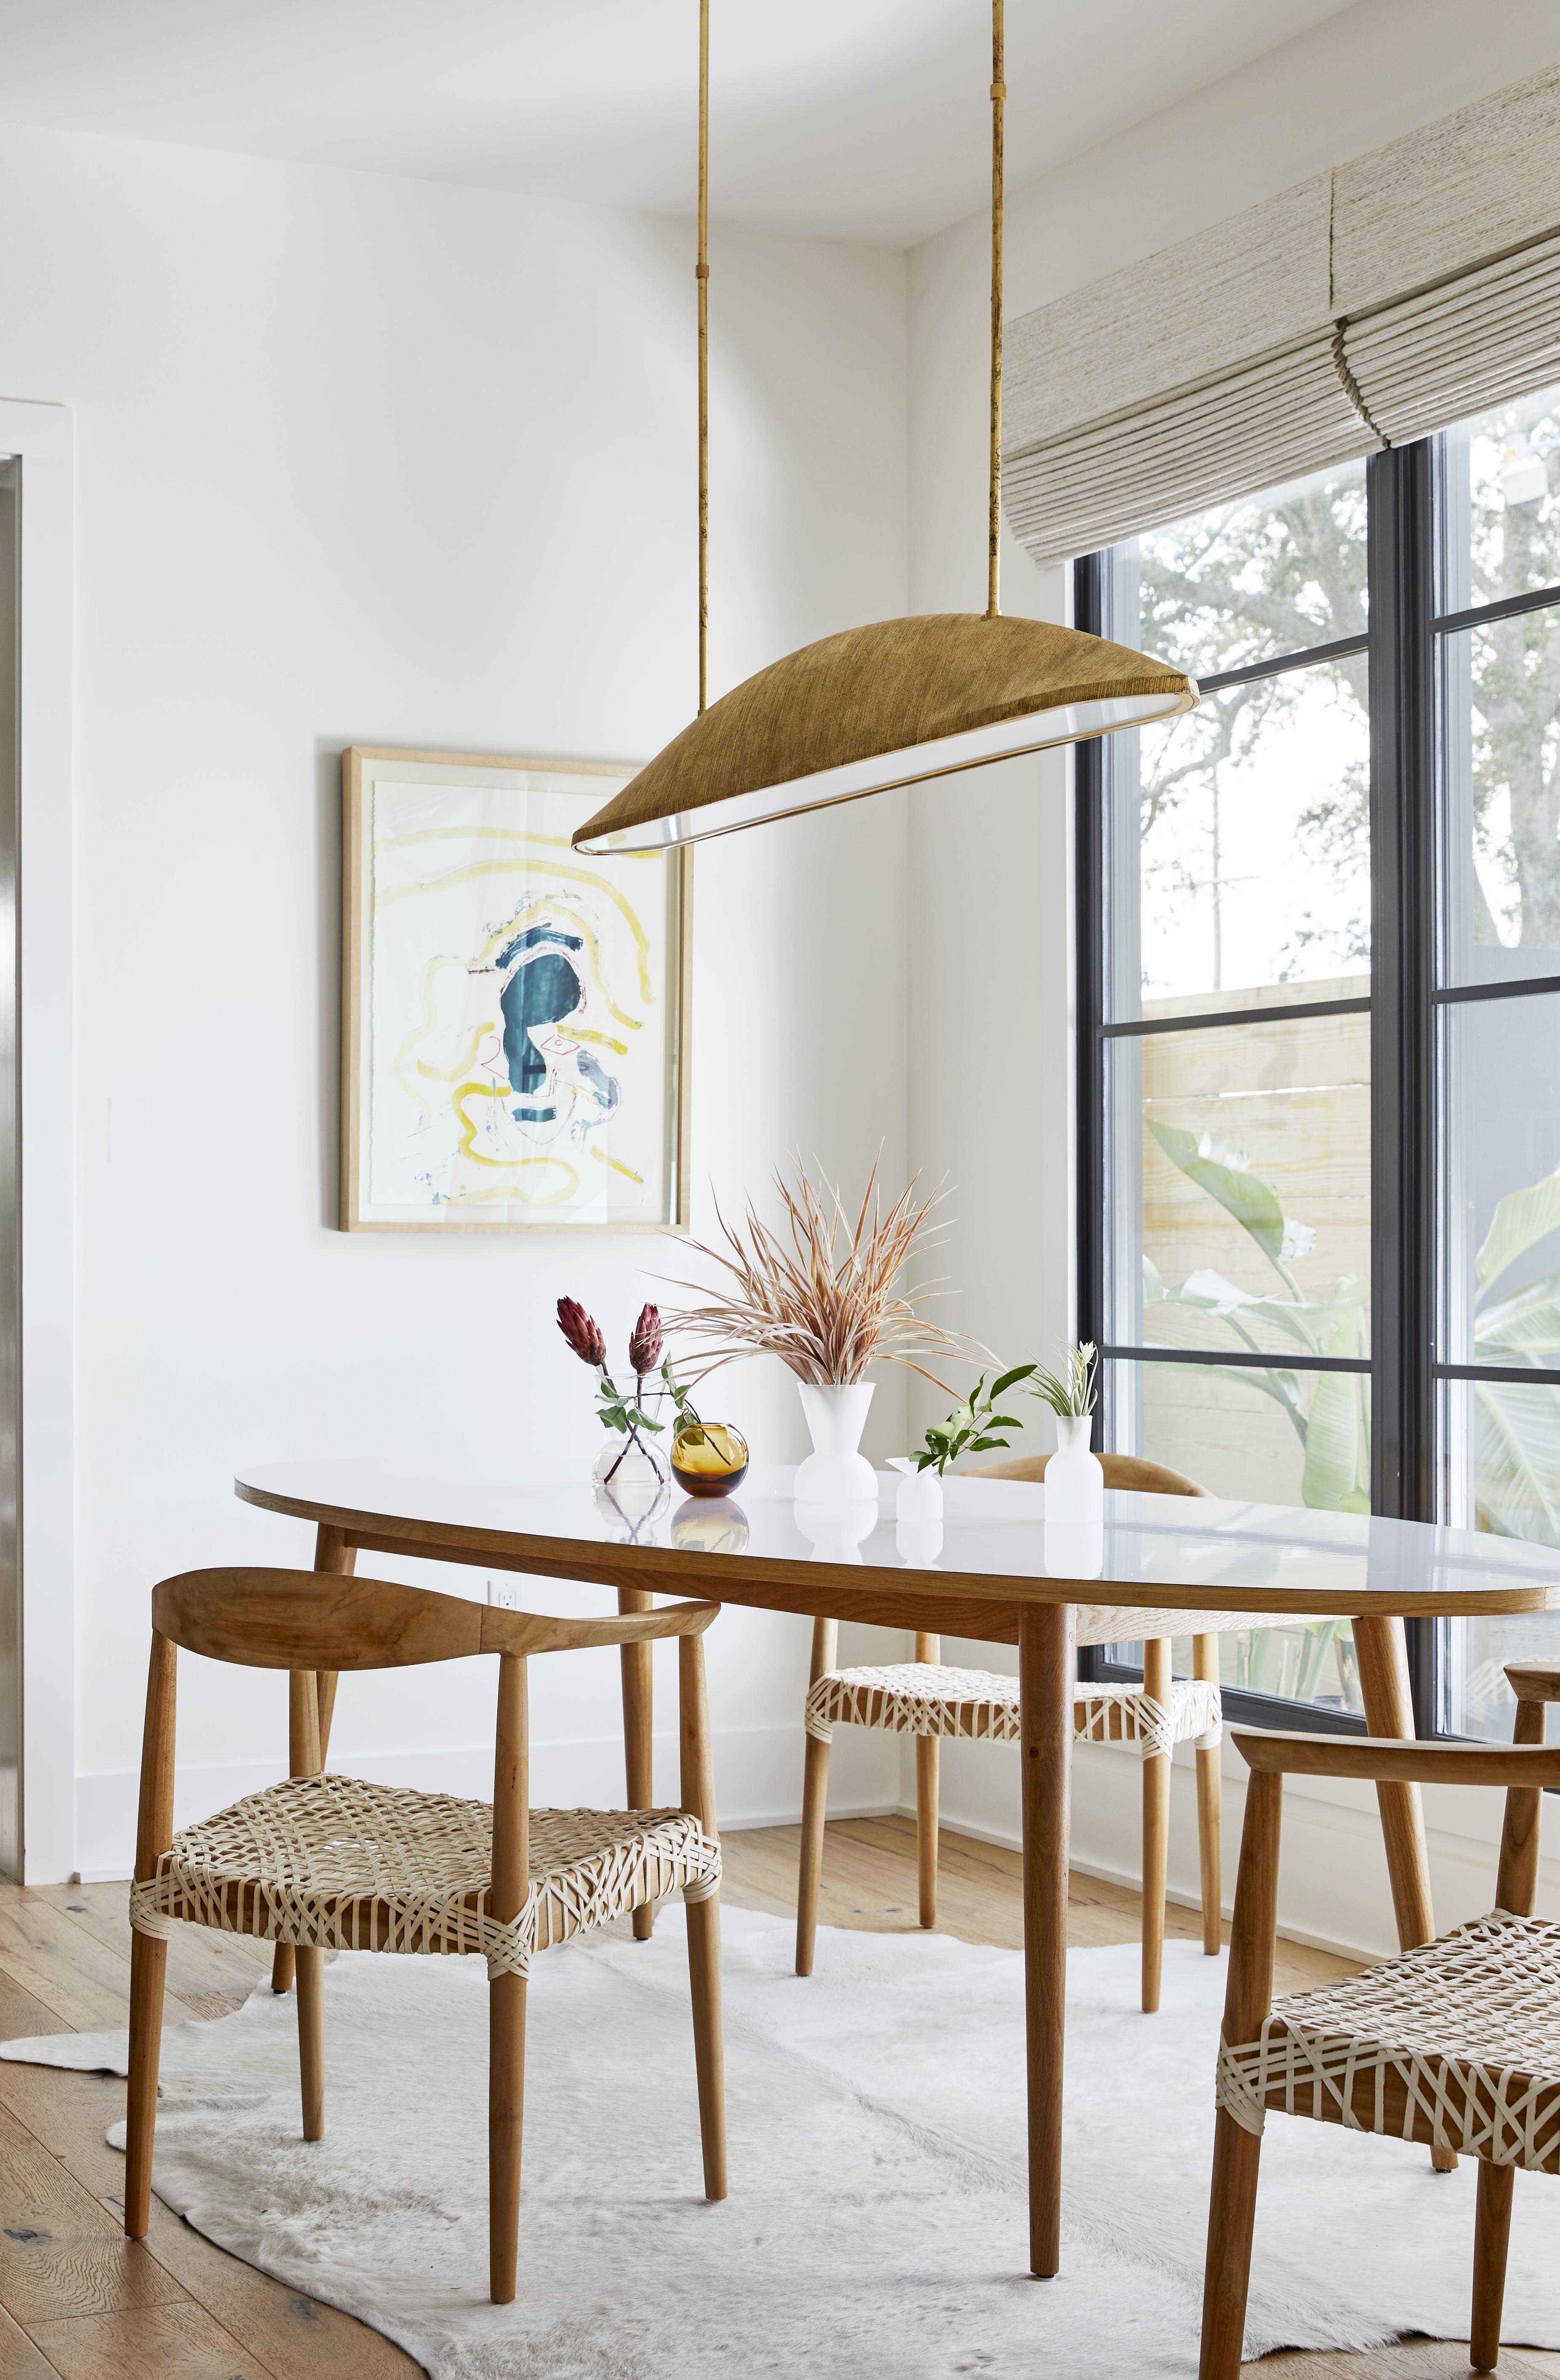 Breakfast Nook, Storyteller, Home Design - Valerie Legras Atelier